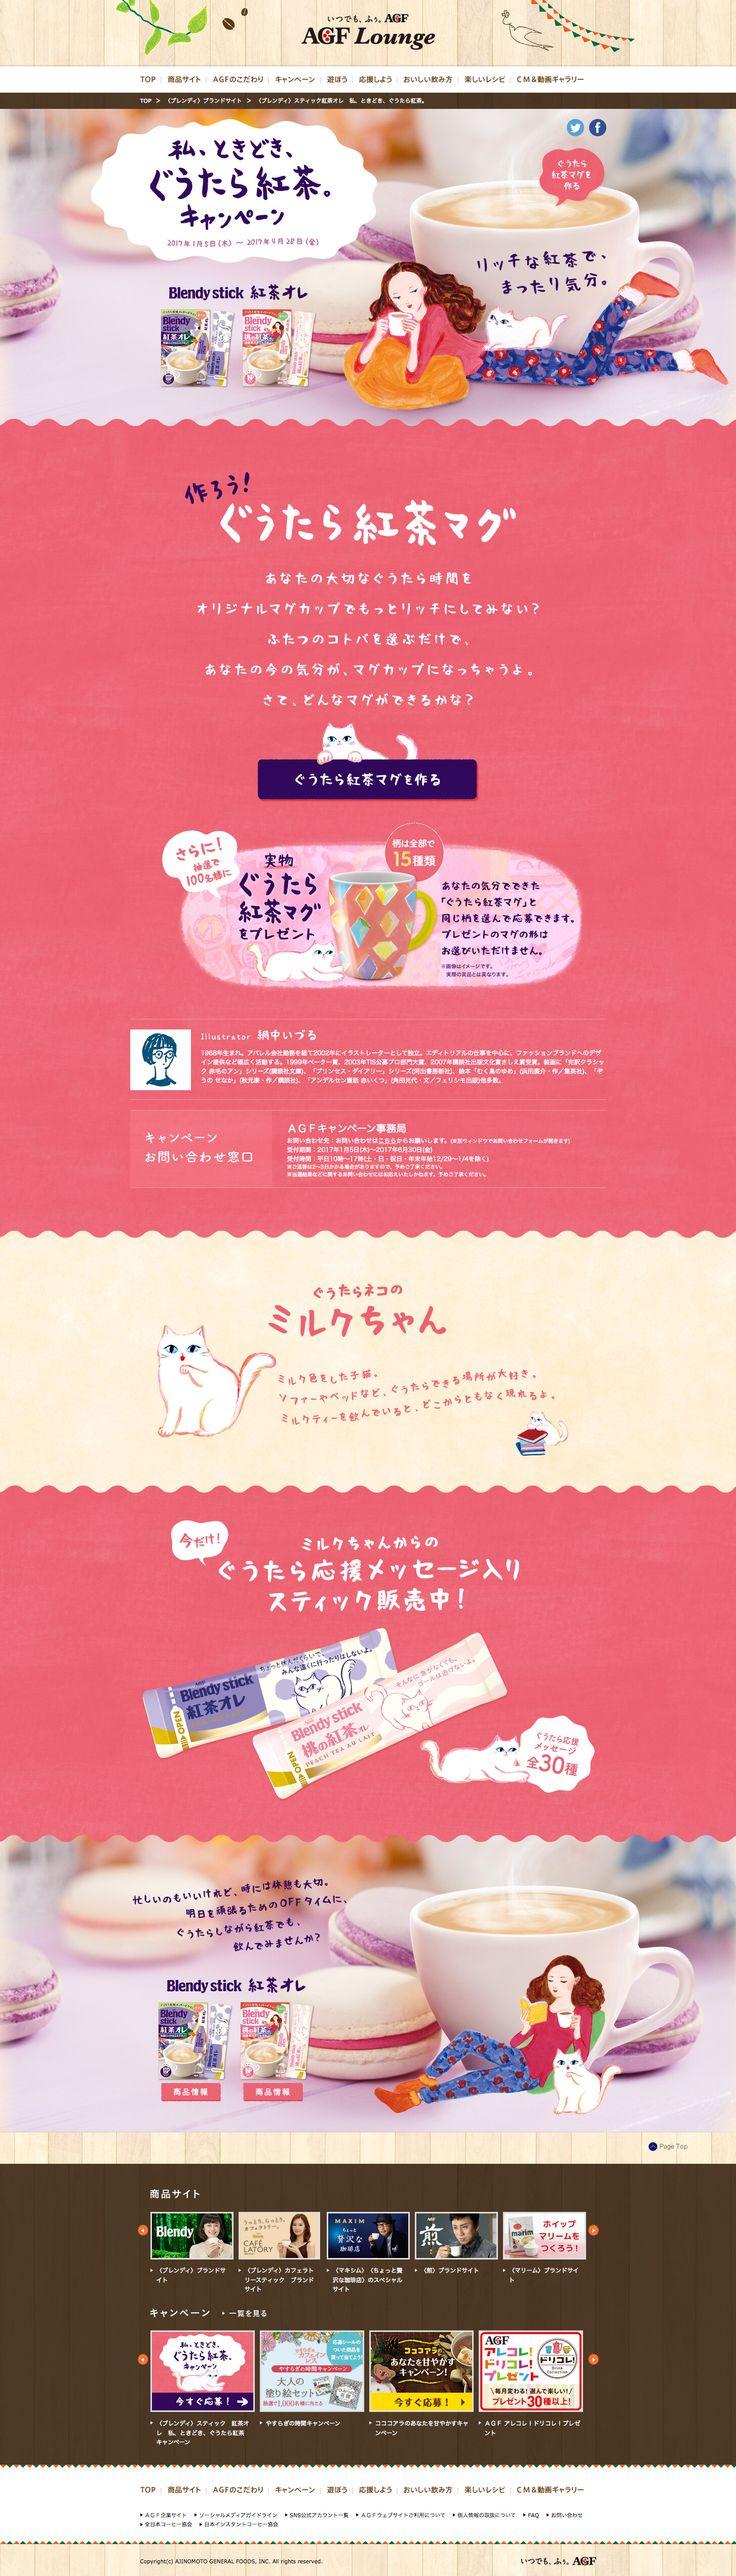 AGFラウンジ 〈ブレンディ〉〈Blendy〉 ブランドサイト 私、ときどき、ぐうたら紅茶。キャンペーン http://blendy.agf.jp/guutara/